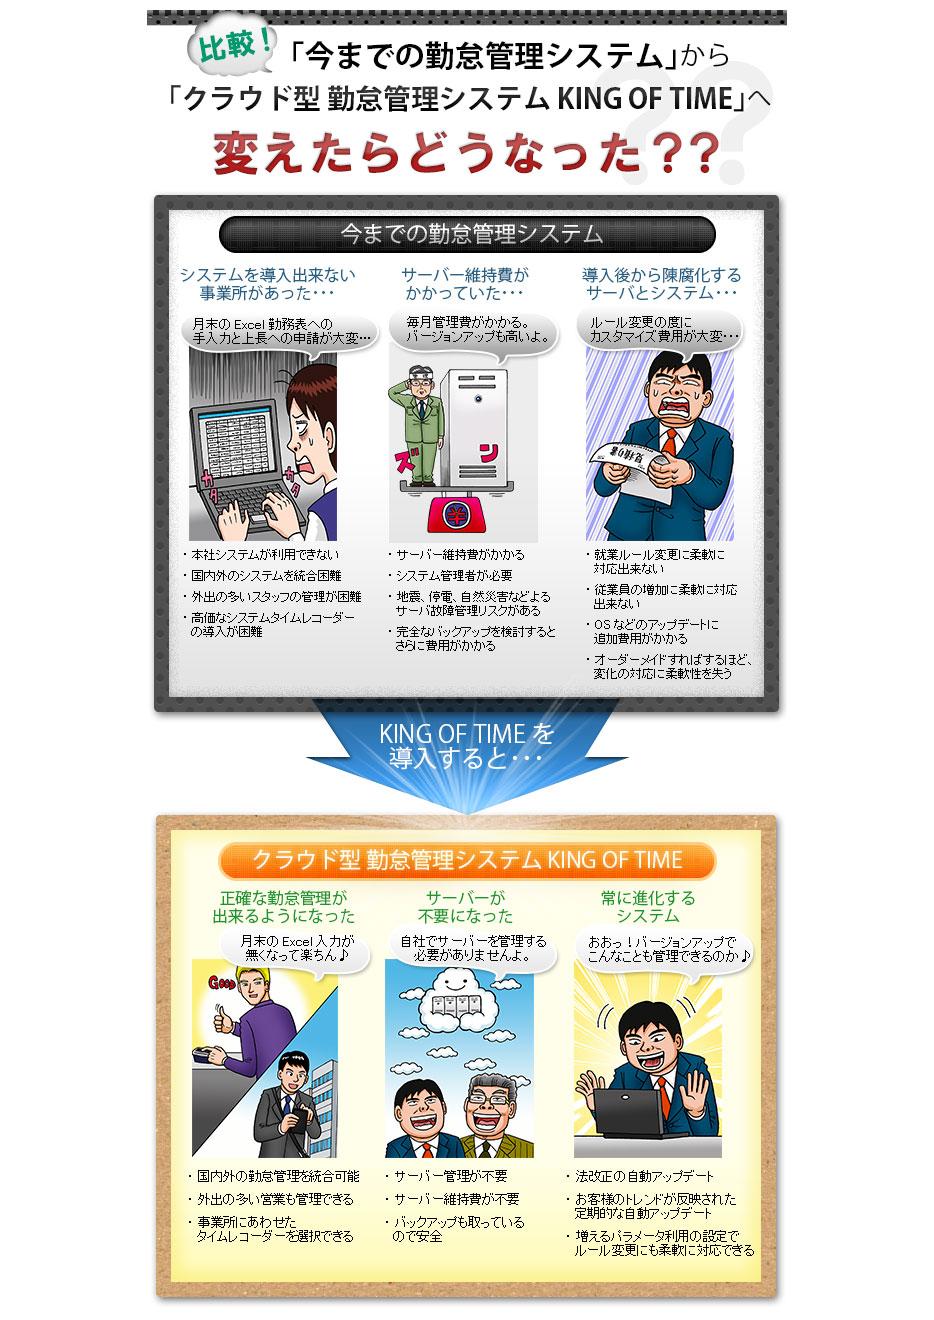 勤怠管理クラウド・SaaSサービス KING OF TIME(キングオブタイム)